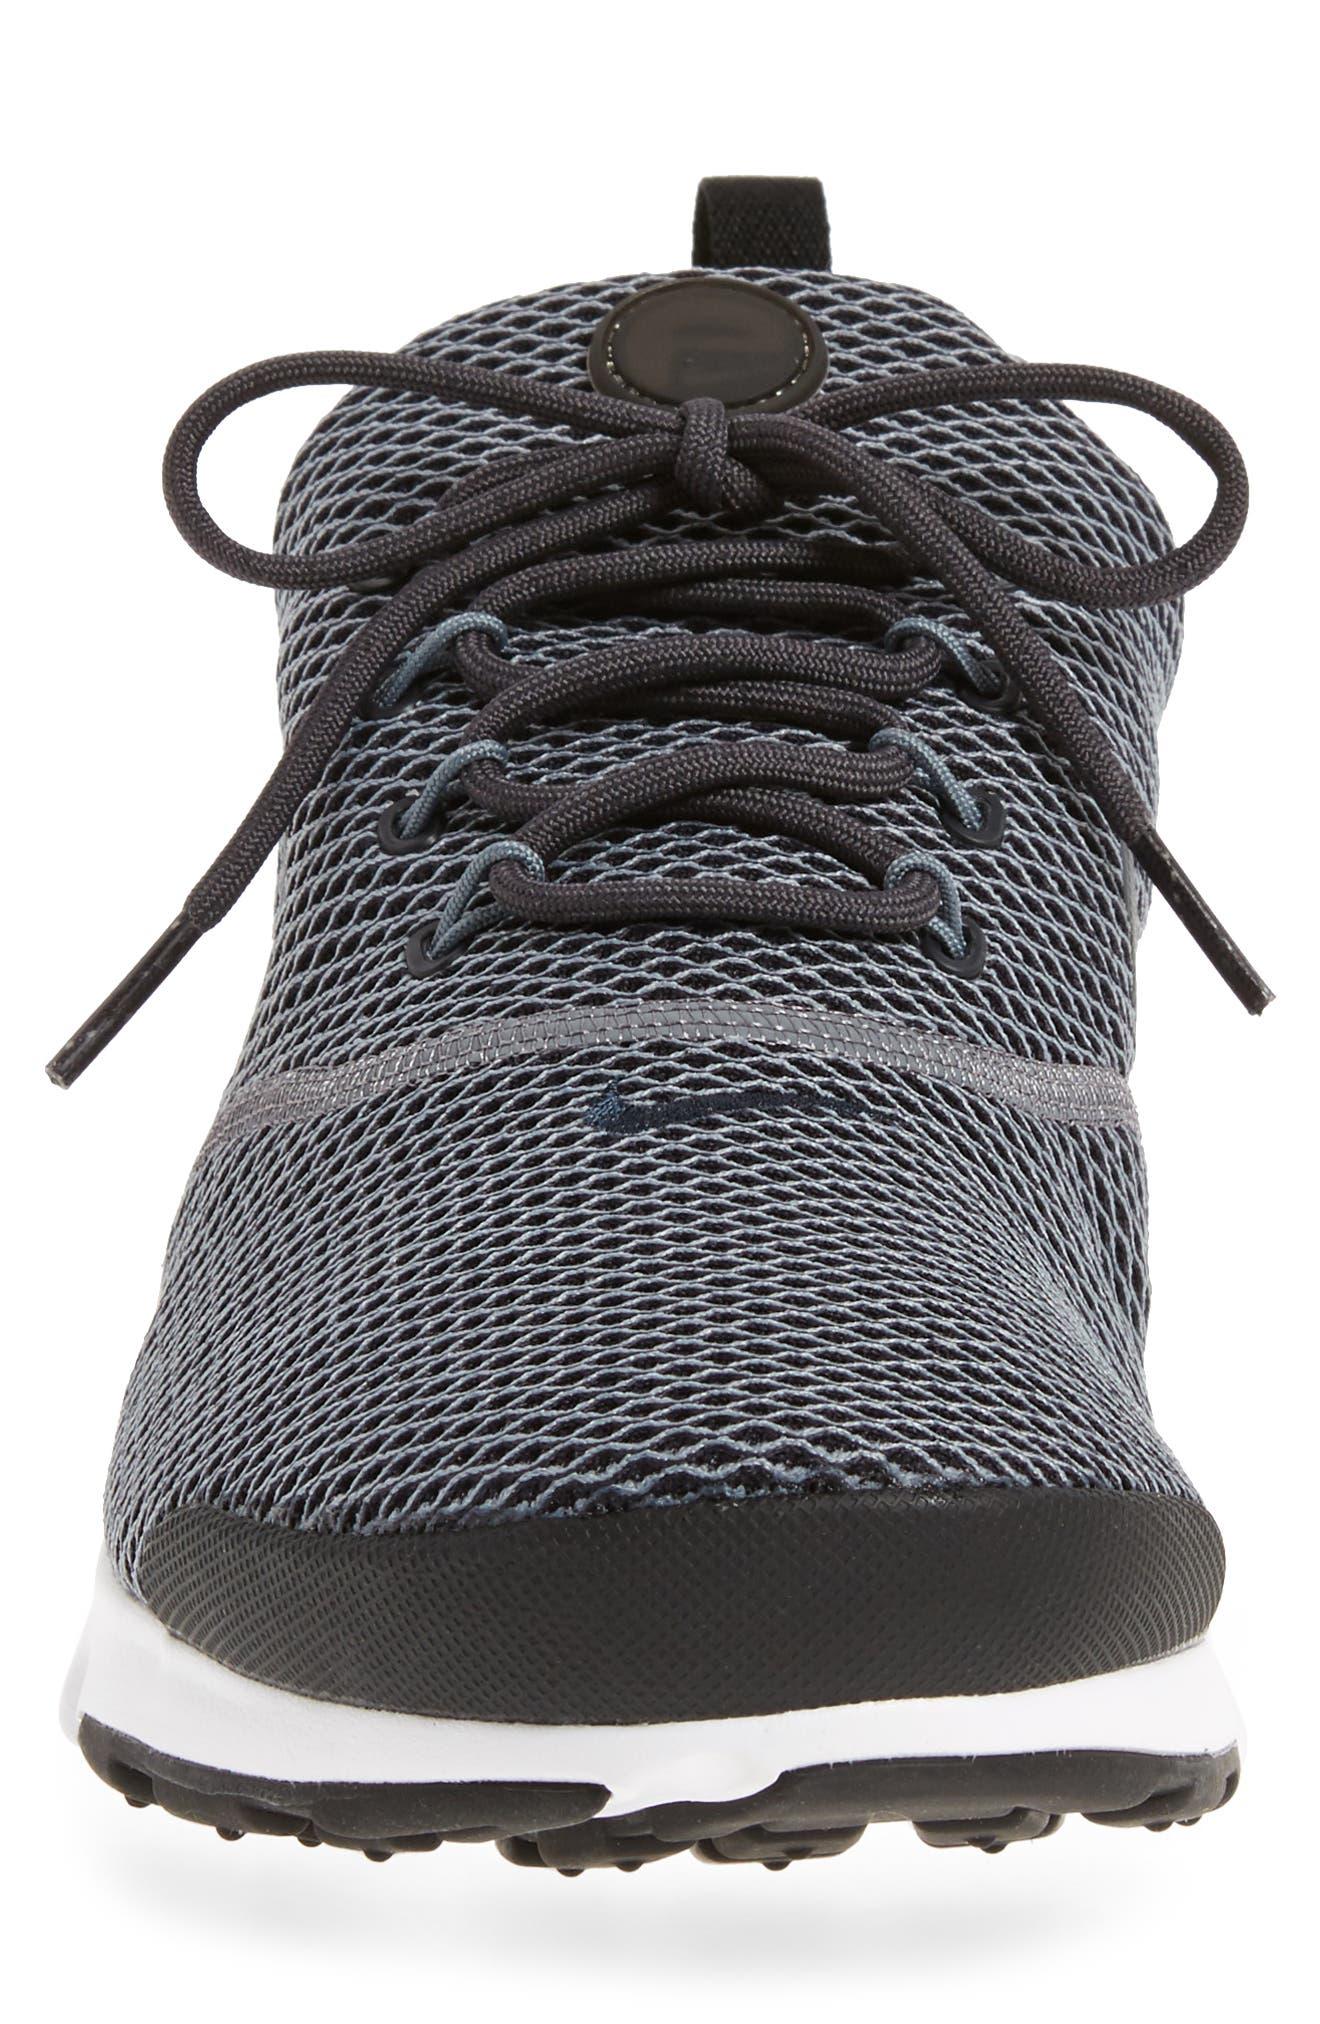 Presto Fly SE Sneaker,                             Alternate thumbnail 11, color,